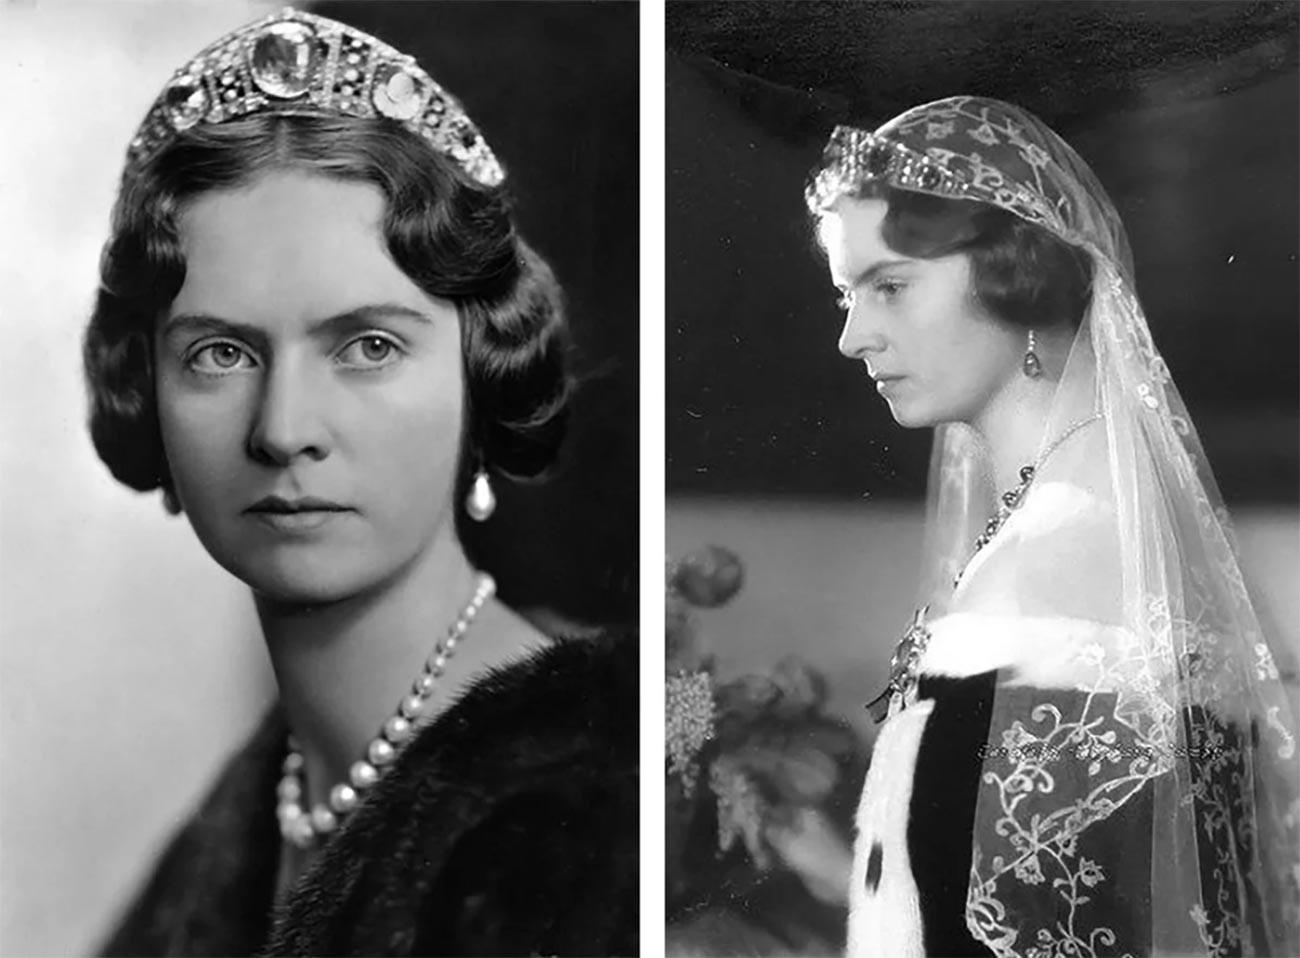 Sibylle de Saxe-Cobourg et Gotha